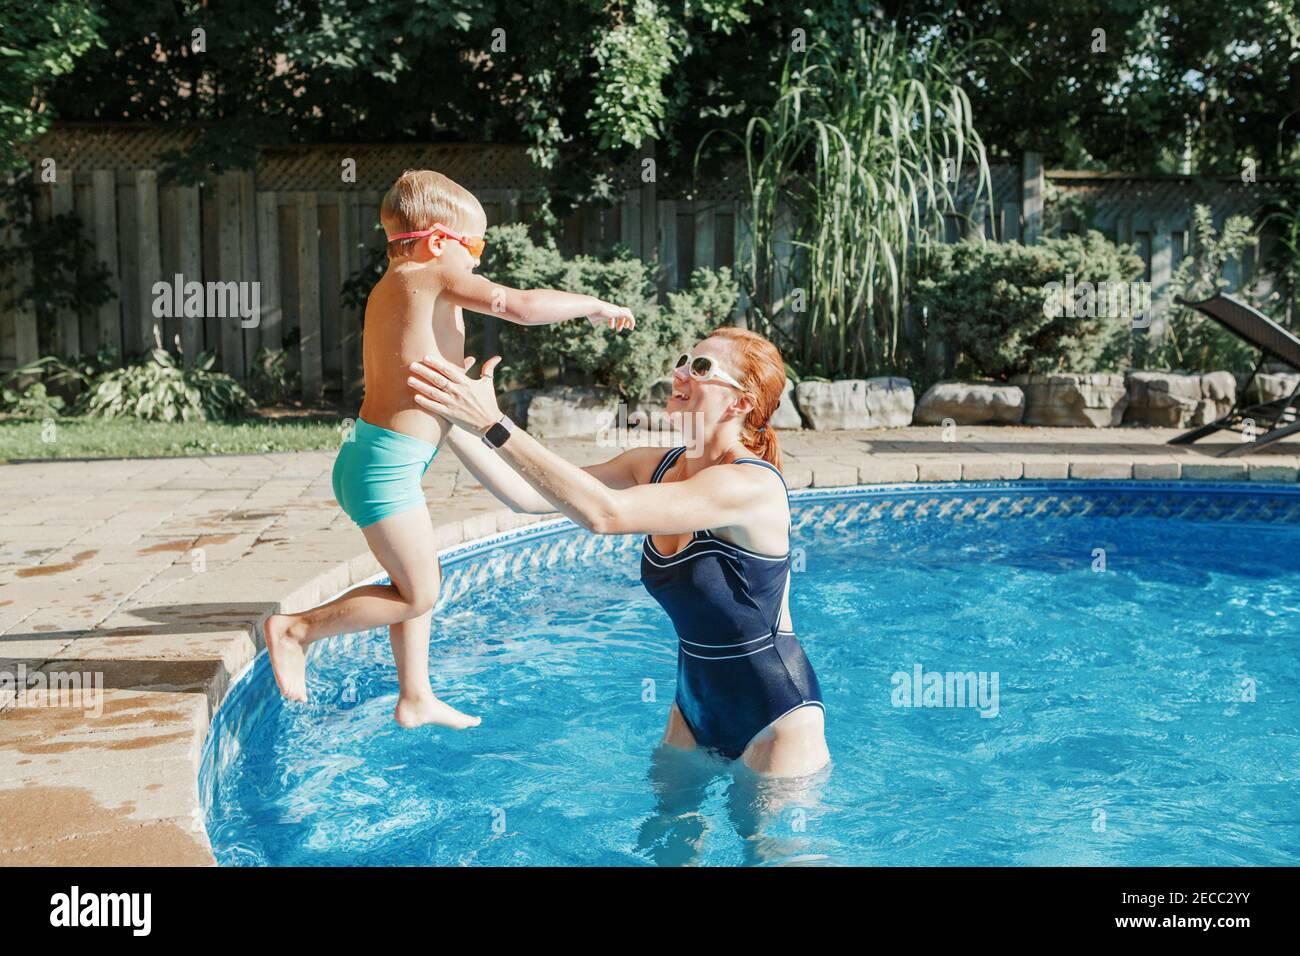 Madre caucásica entrenando a su hijo pequeño para nadar en la piscina al aire libre. Niño zambulléndose en el agua con gafas. Actividad estacional de la familia del agua Foto de stock